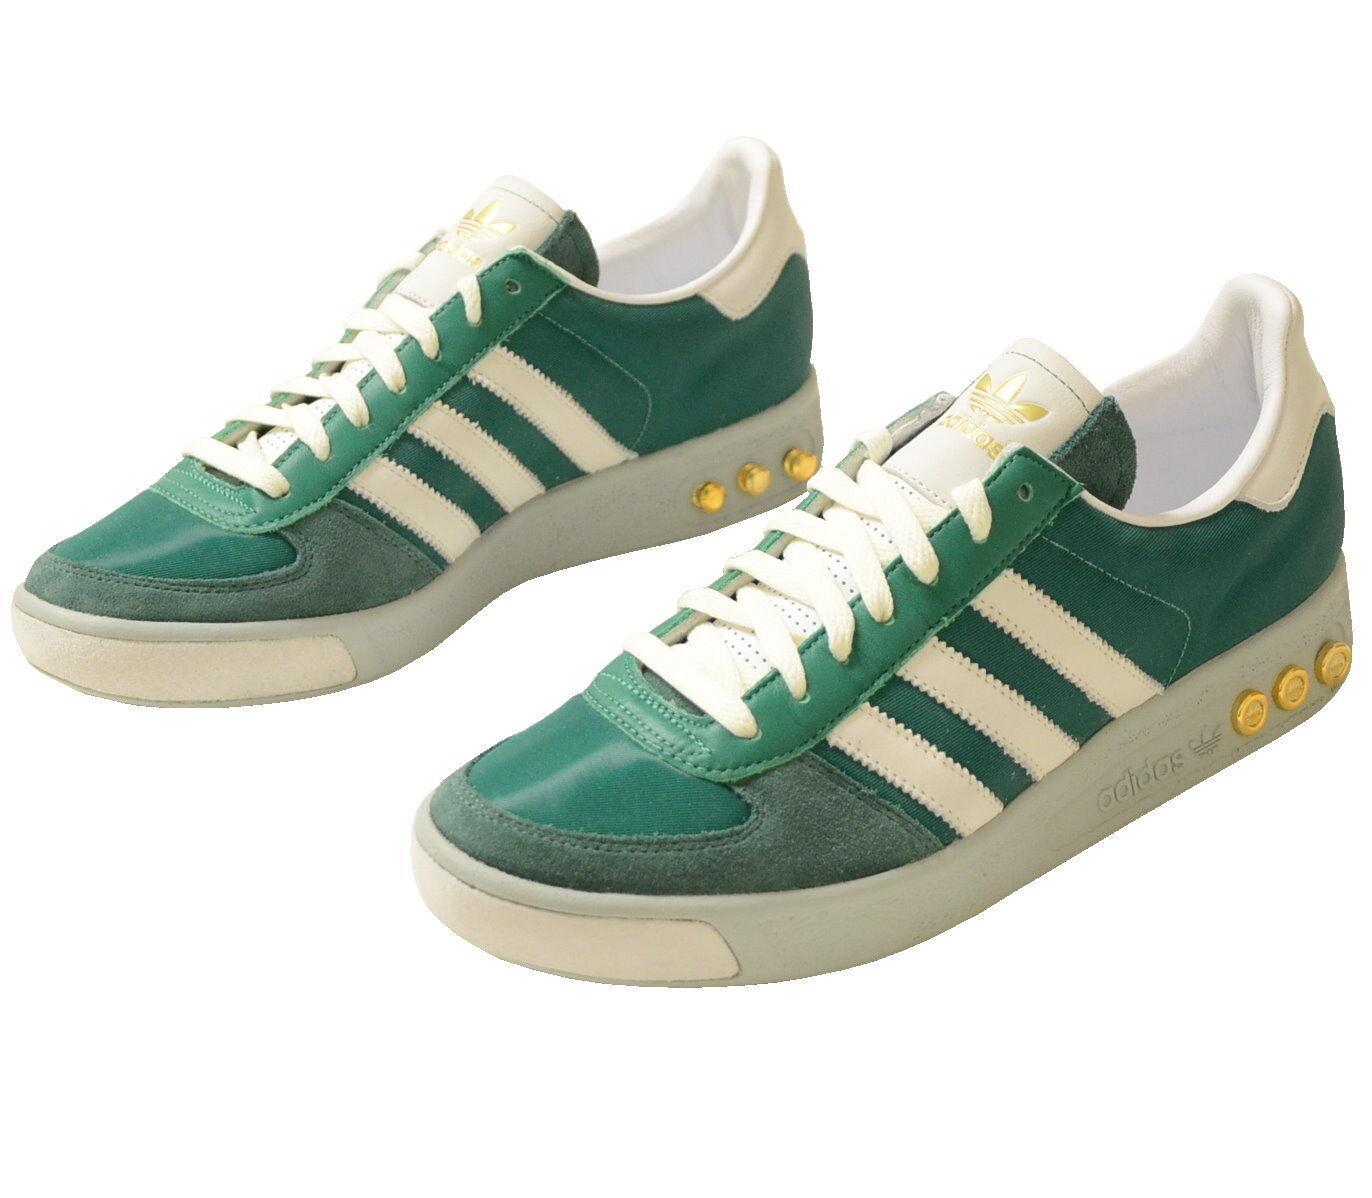 Adidas G.S. GRAND SLAM Schuhe Grün Herrenschuhe  Shohe Sneaker Grün Schuhe 8c22f7